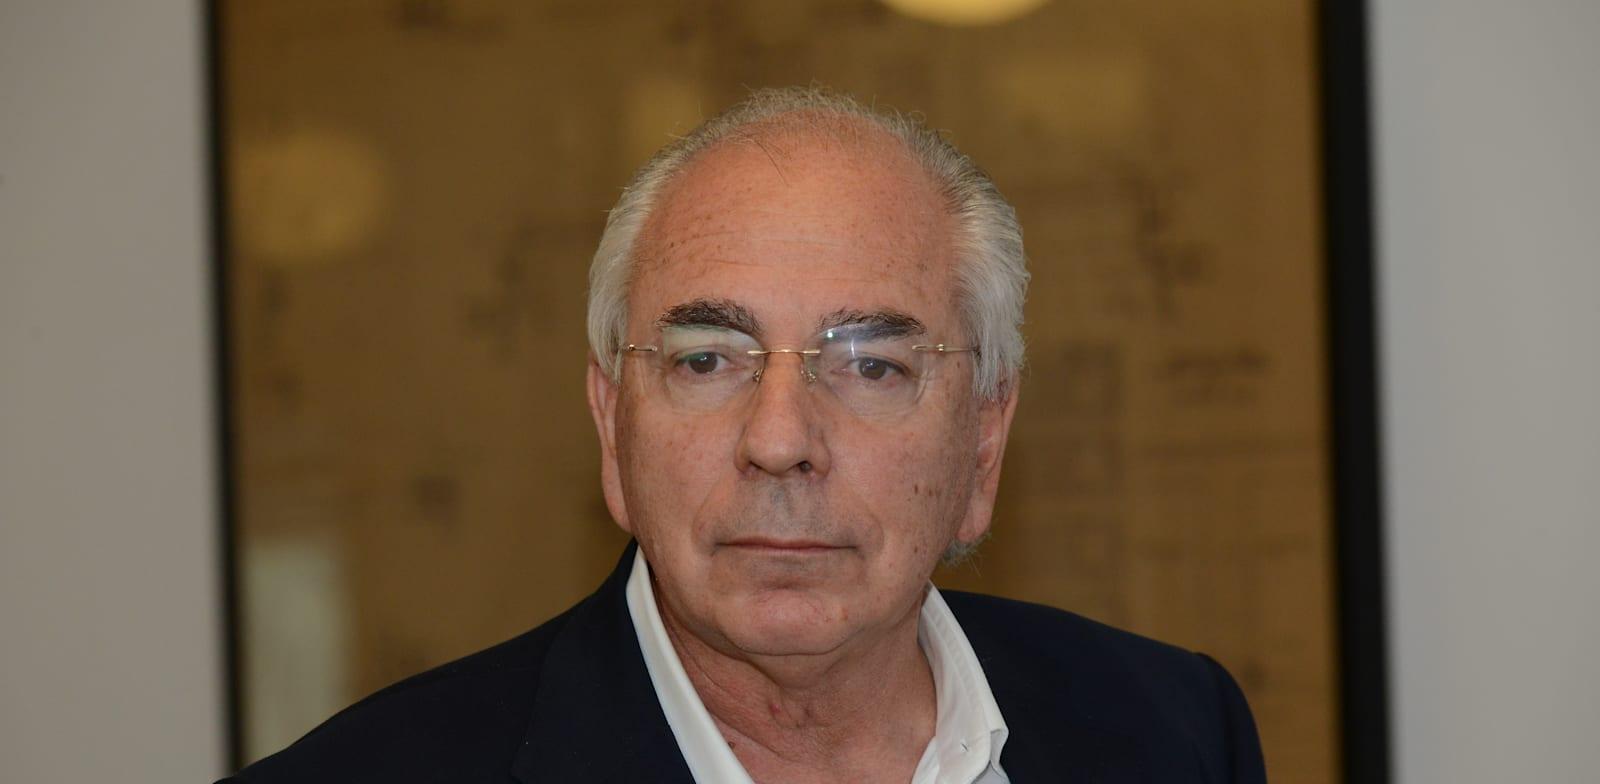 שלומי פוגל, בעלי מספנות ישראל / צילום: איל יצהר